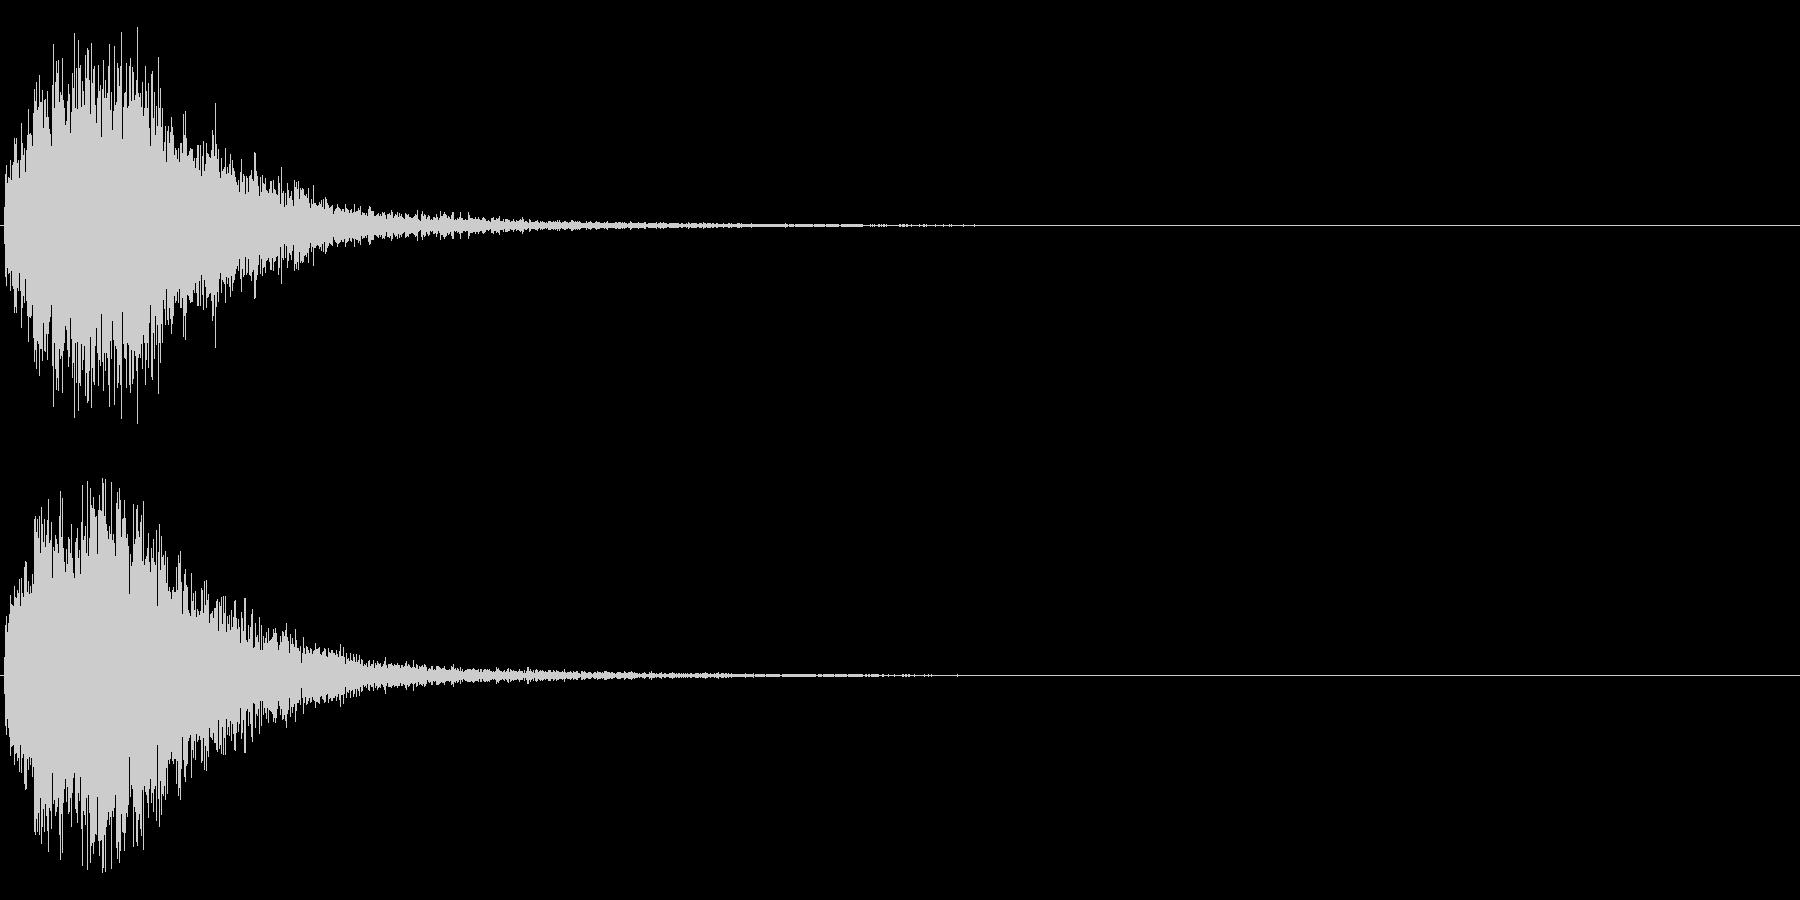 デデーン♪オーケストラヒット効果音01cの未再生の波形